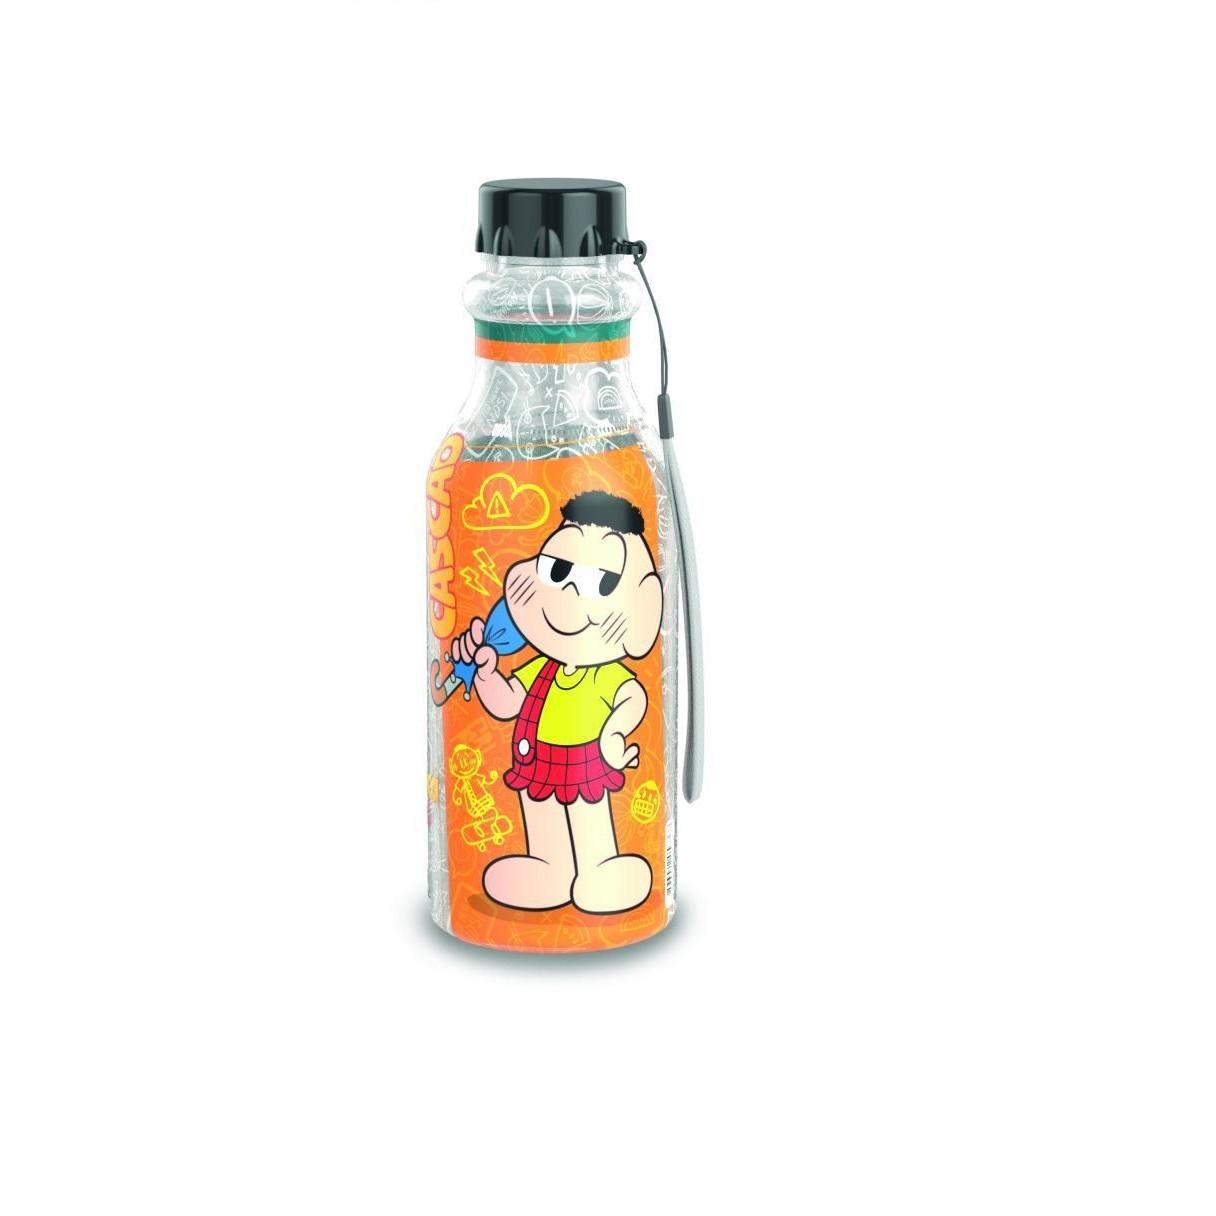 Garrafa Retro Plastico Cebolinha e Cascao 500 ml - Plasutil